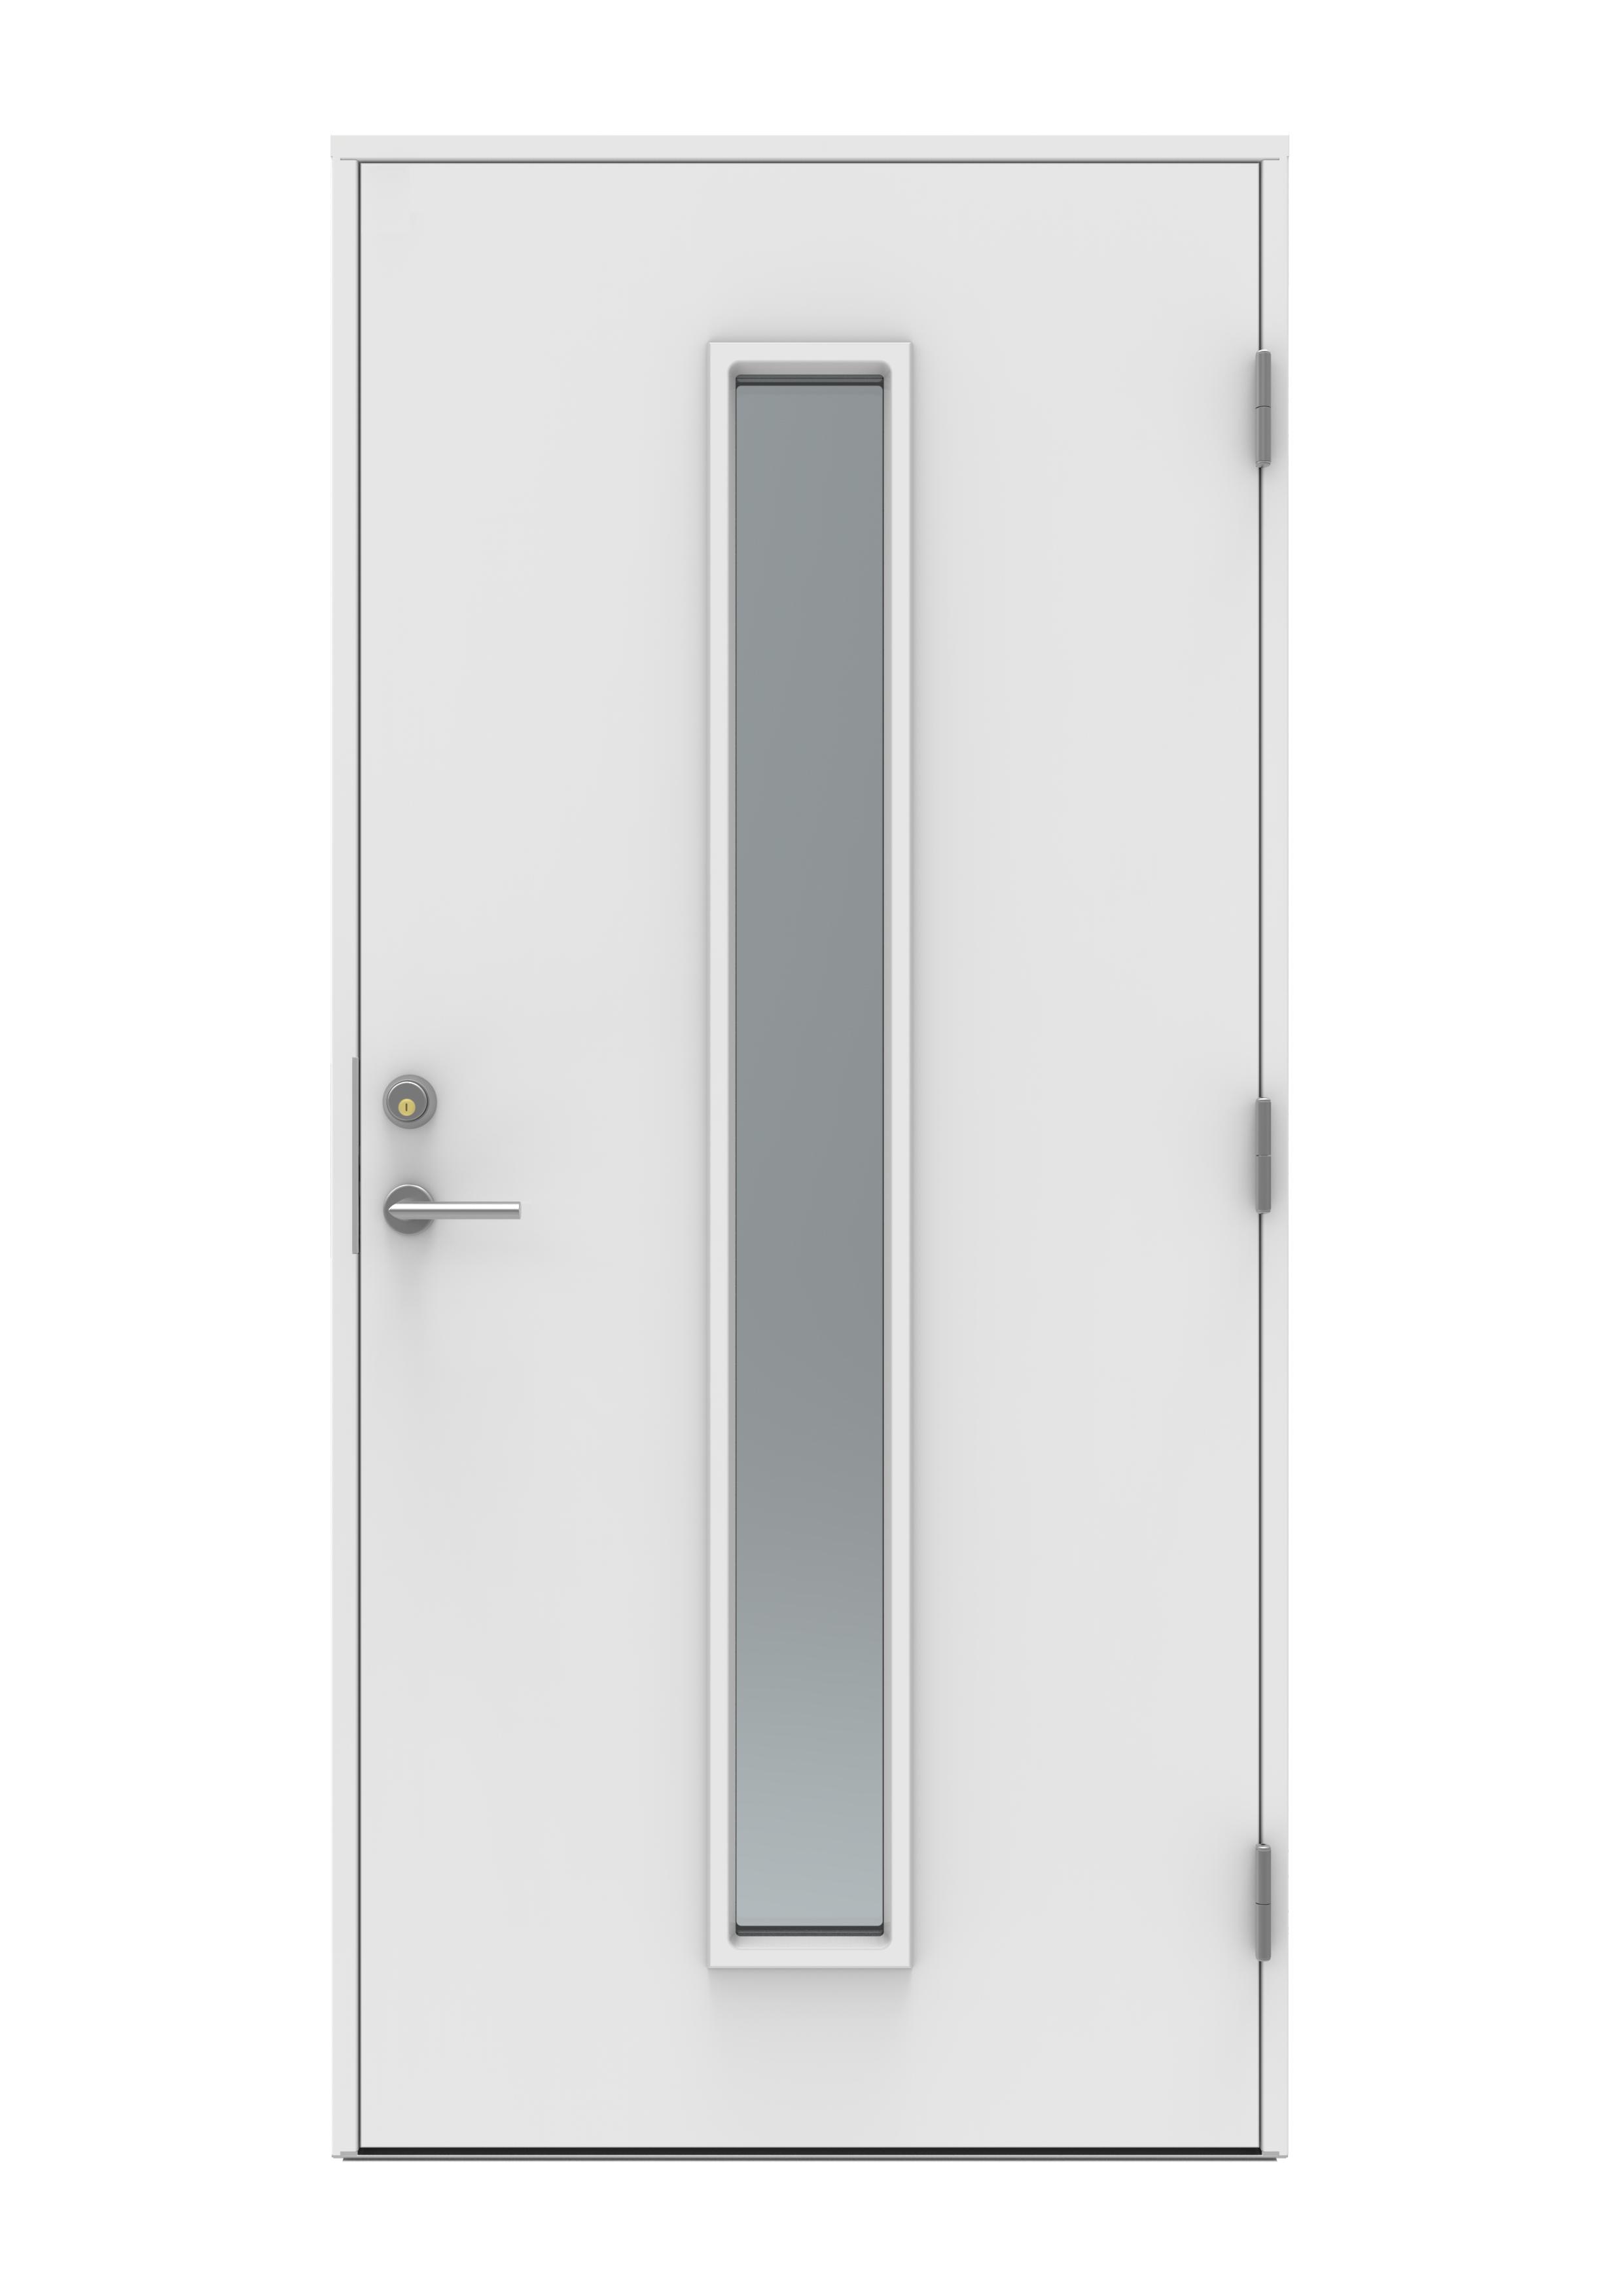 Dörr: Funkis 21 Fgr 90 x 200  vitmålad